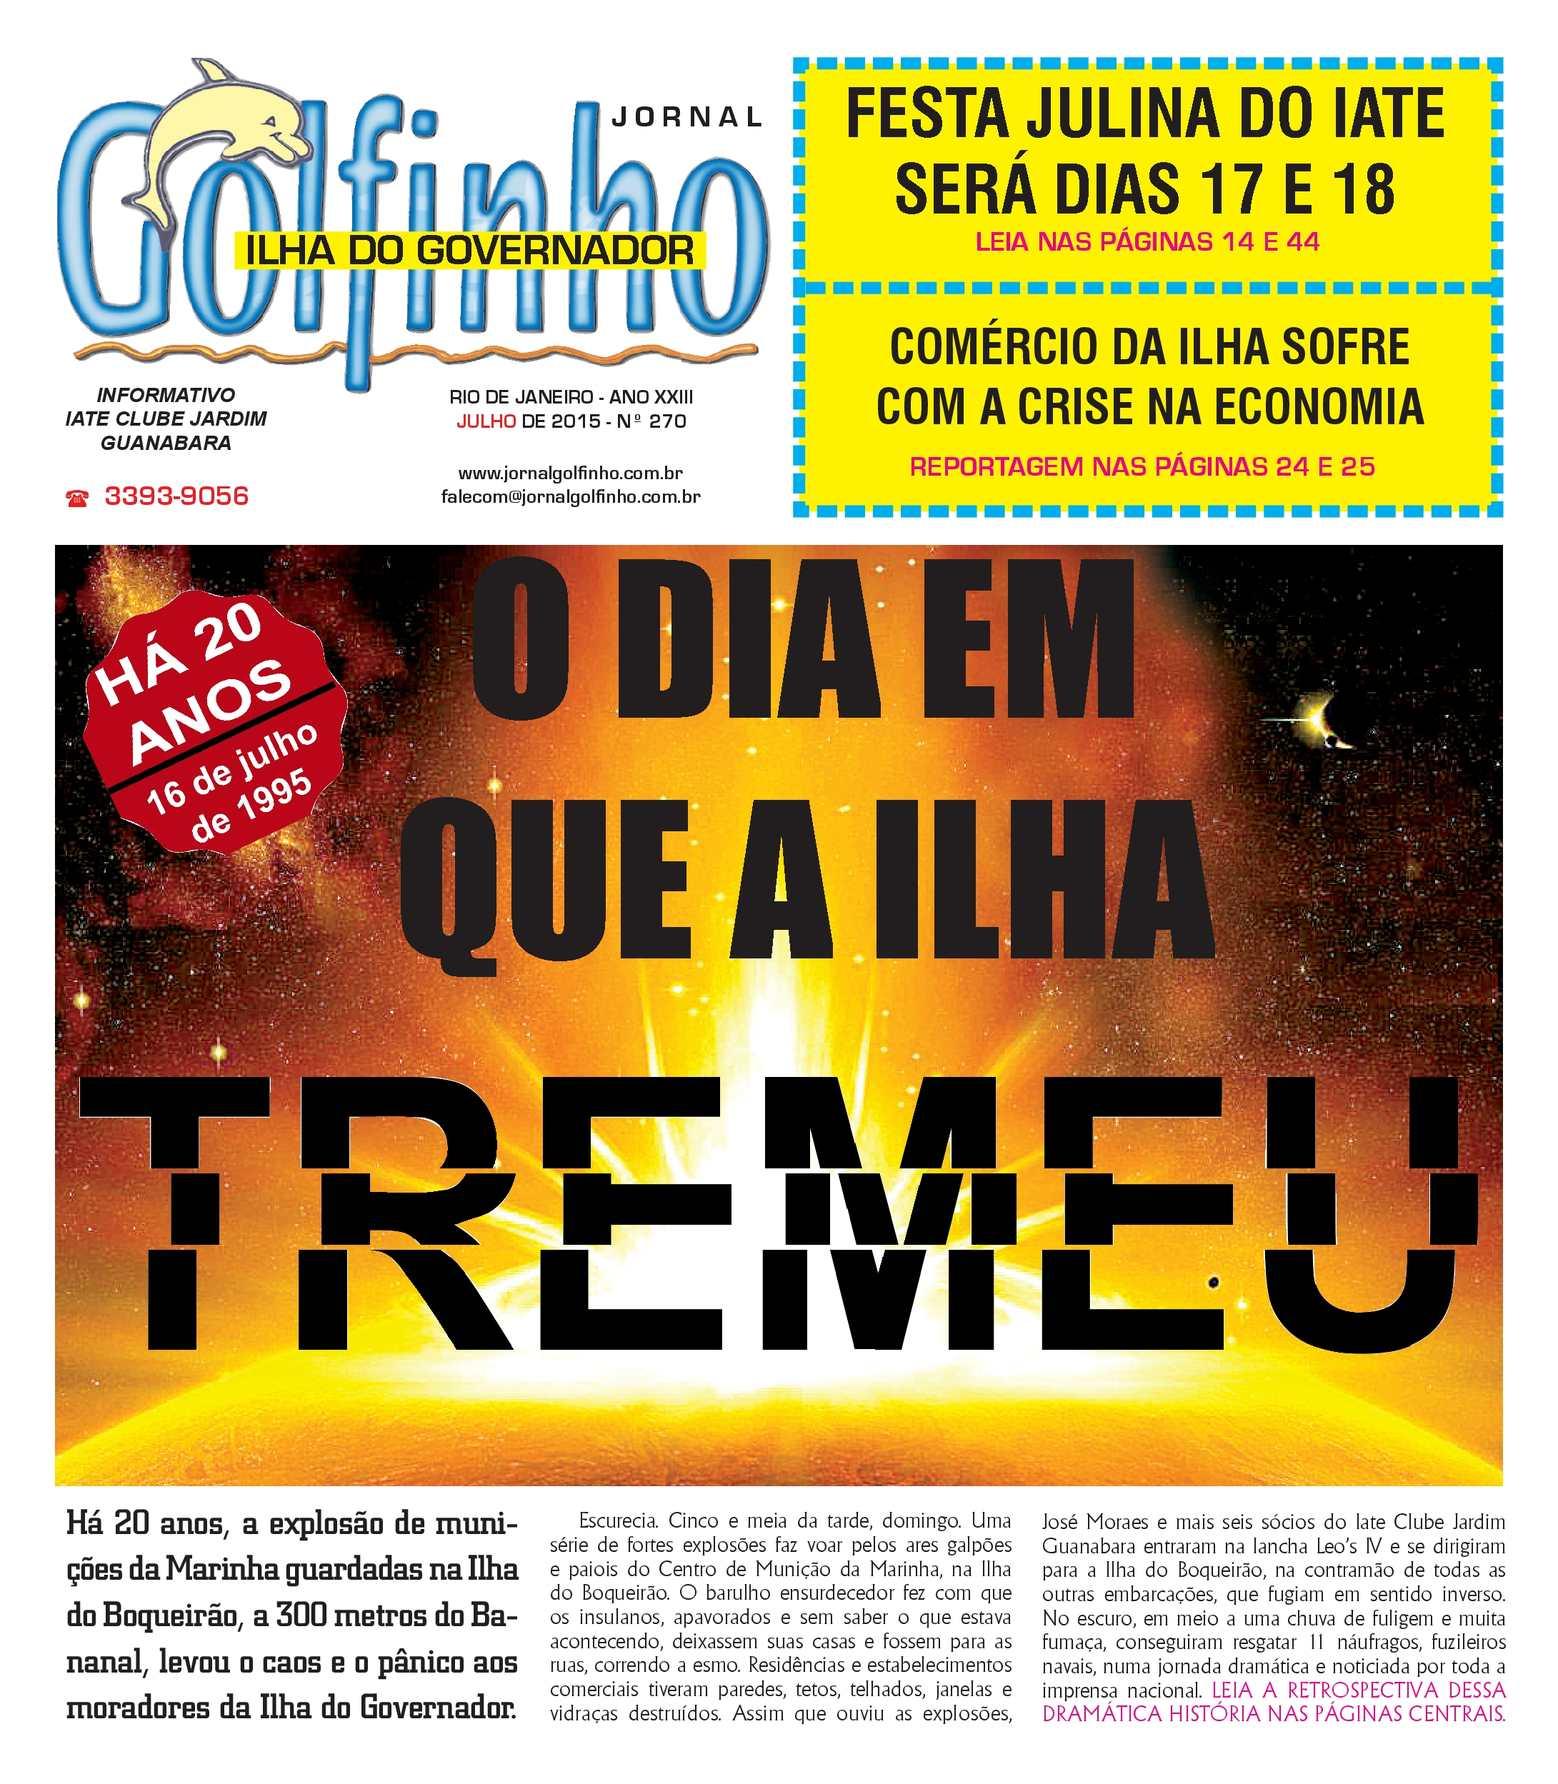 3ca2106785d5e Calaméo - Jornal Golfinho - Julho 2015